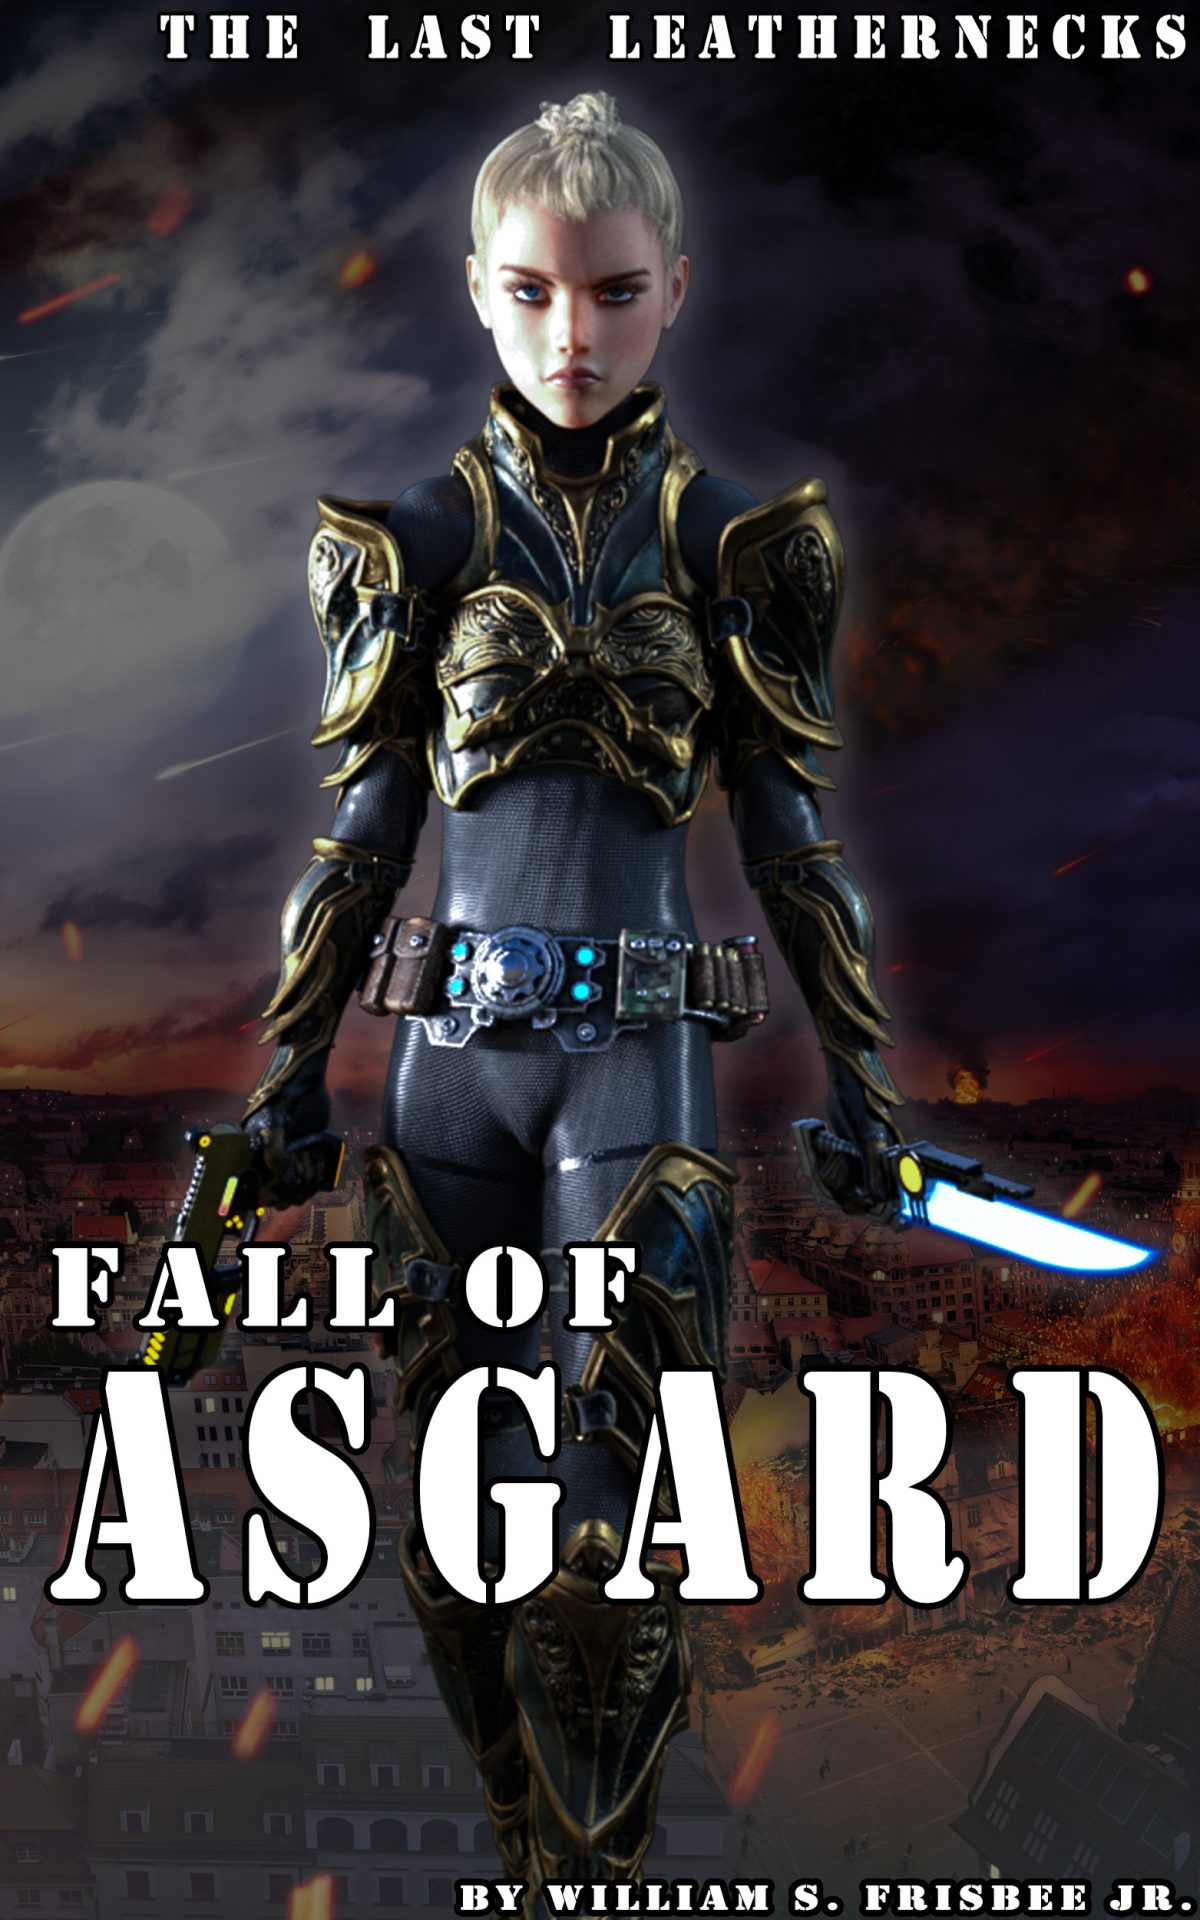 Fall of Asgard